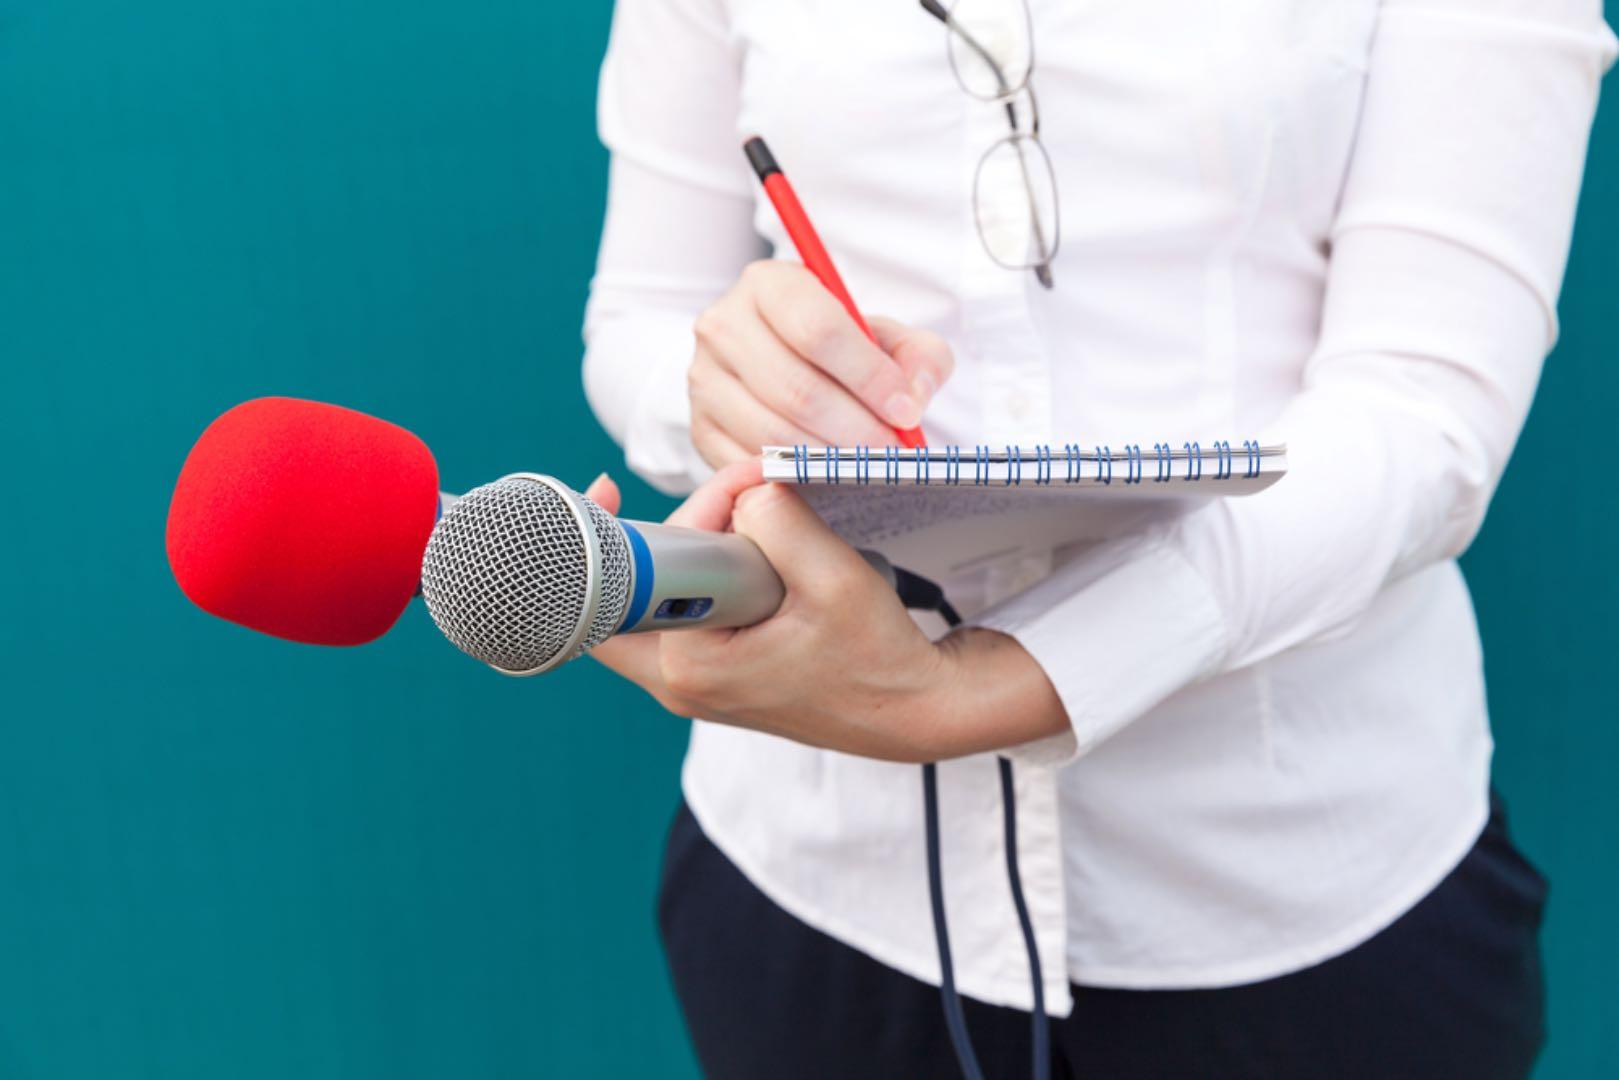 ہمیں کوئی خاموش نہیں کراسکتا،خواتین صحافیوں کاآن لائن ہراساں کرنے پر ردعمل